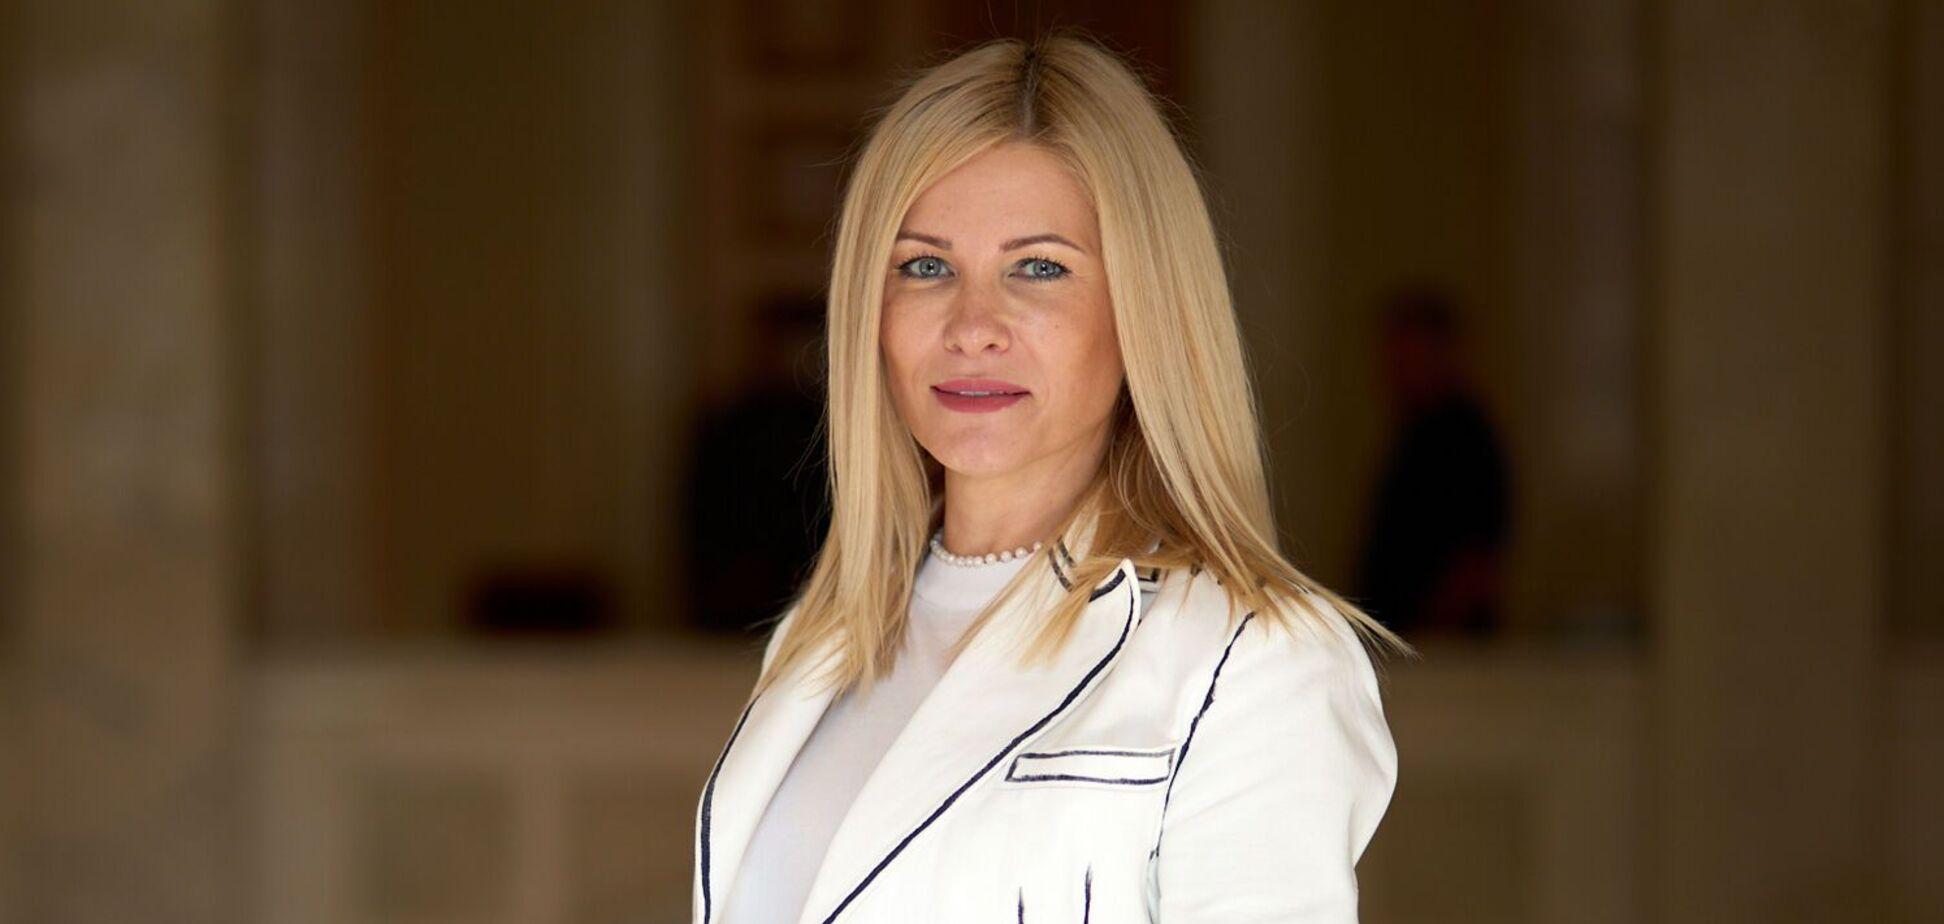 Нардепка від 'Слуги Народу' Юлія Гришина про українську освіту по-швейцарськи, відставку Разумкова та зарплати вчителів